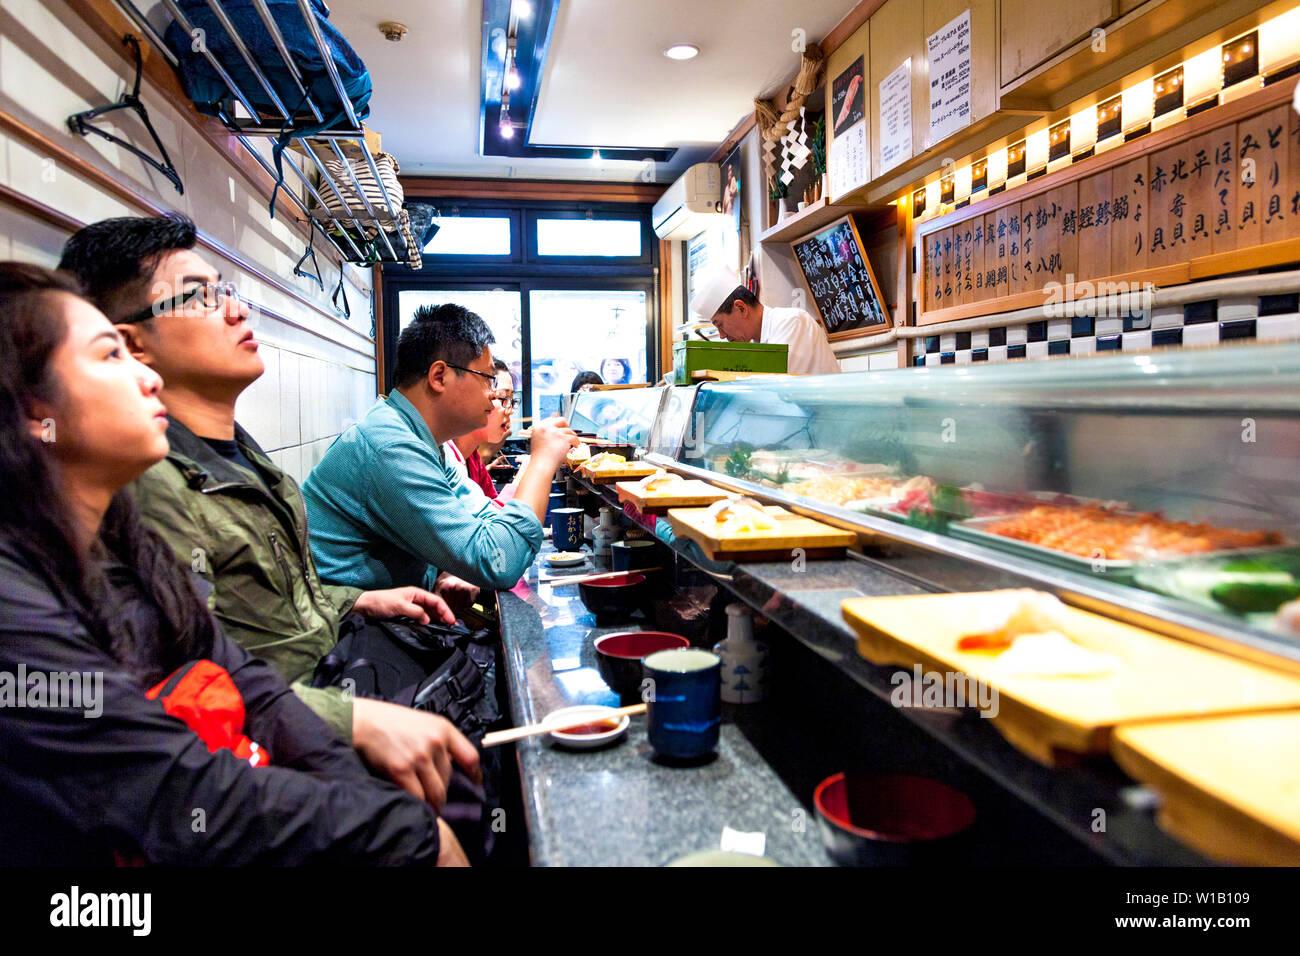 Small Sushi Restaurant Interior At Tsukiji Fish Market In Tokyo Japan Stock Photo Alamy